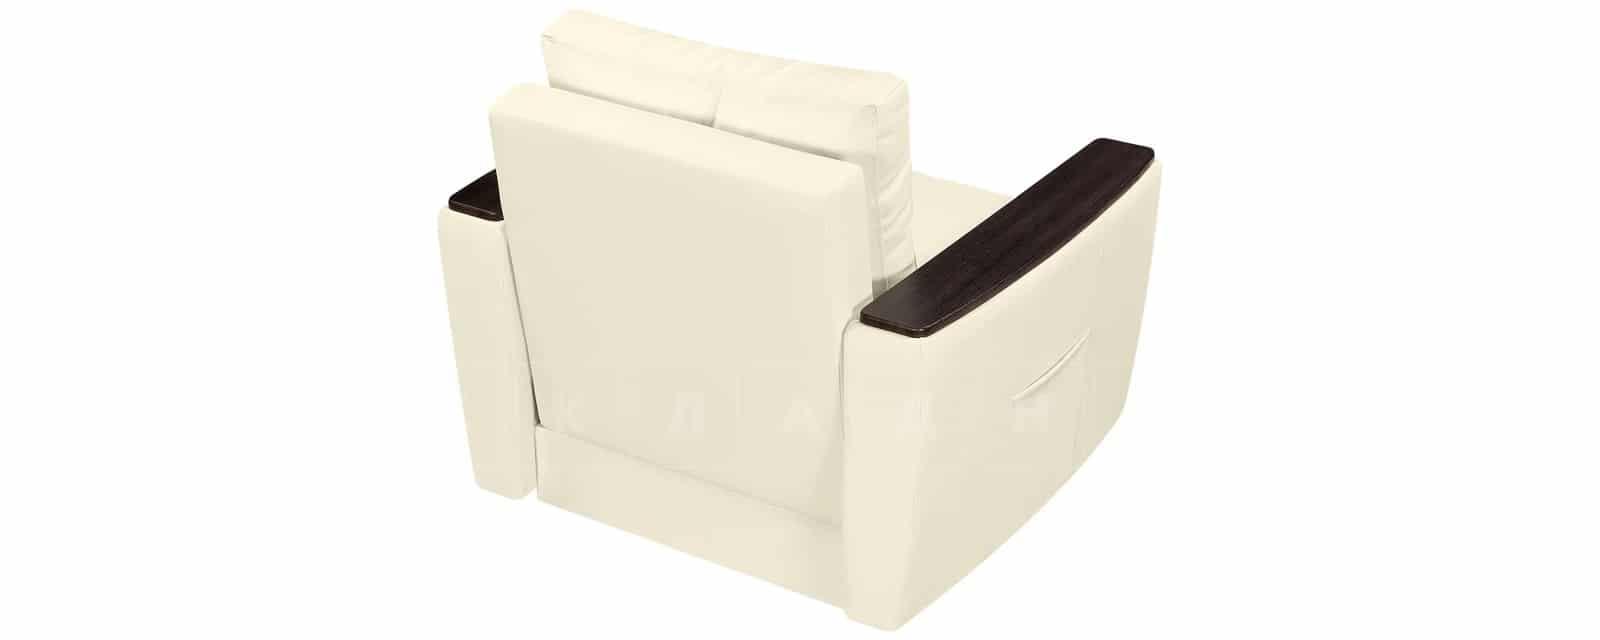 Кресло Майами молочного цвета со спальным местом фото 3 | интернет-магазин Складно